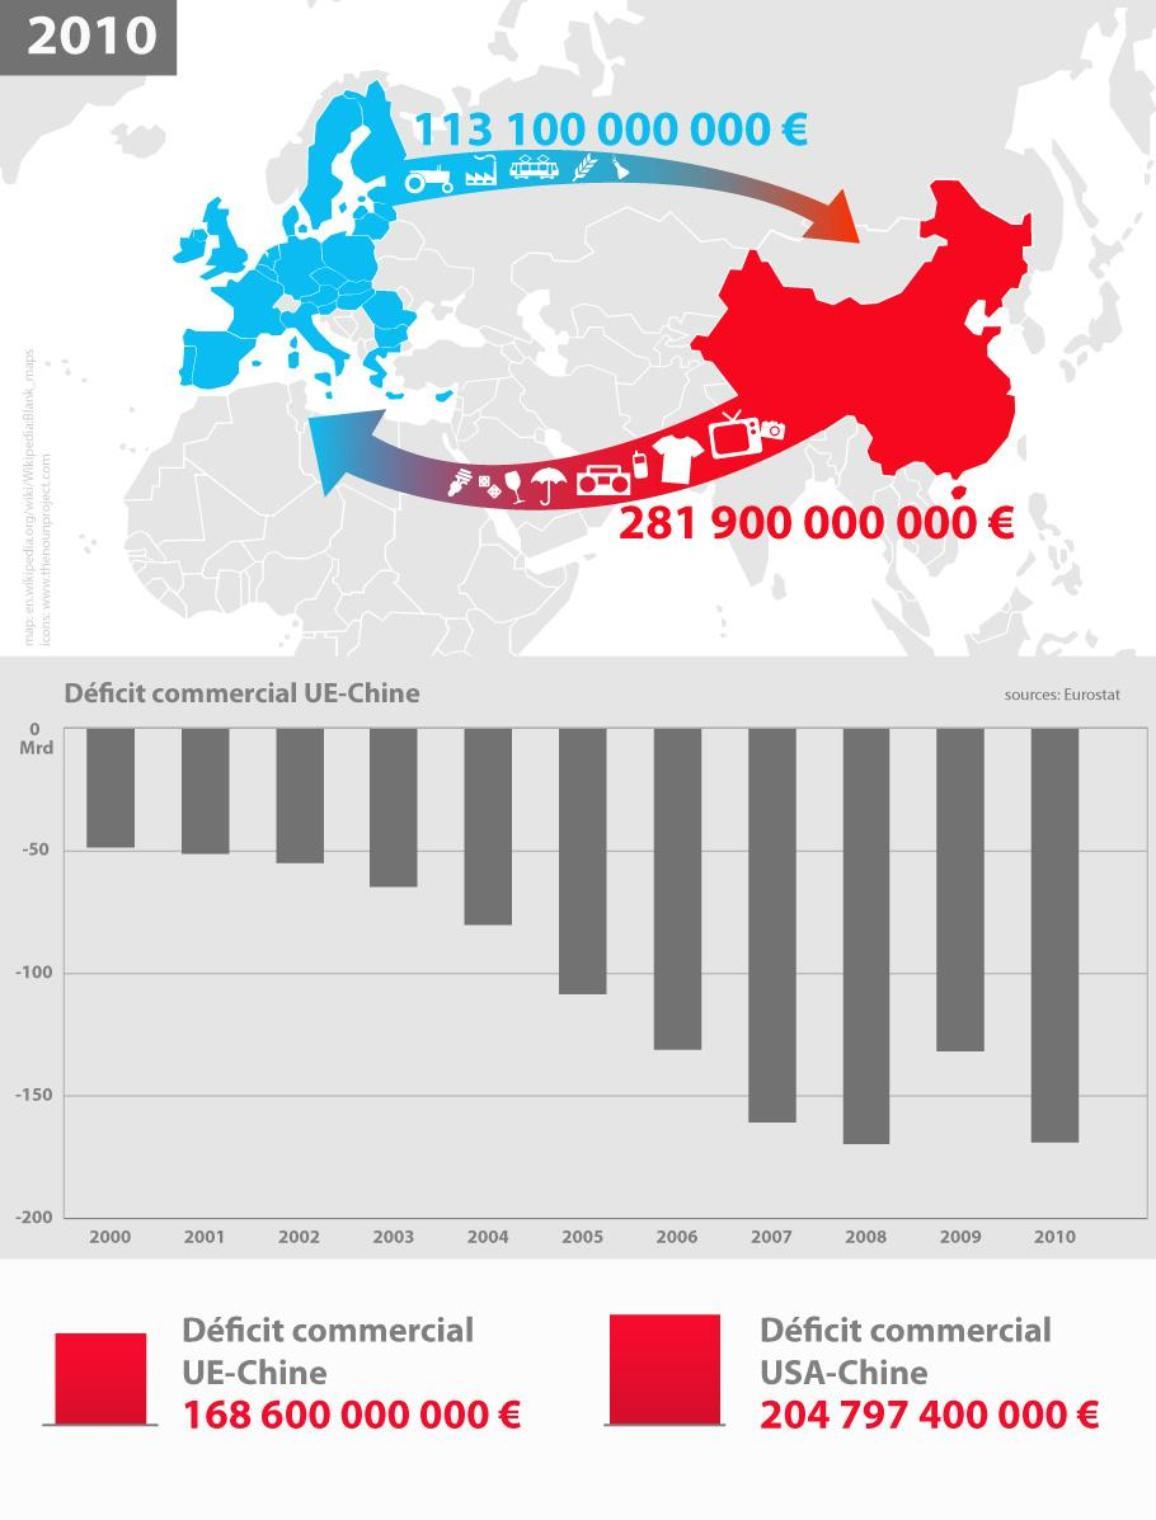 Graphique illustrant le déficit commercial entre l'UE et la Chine.